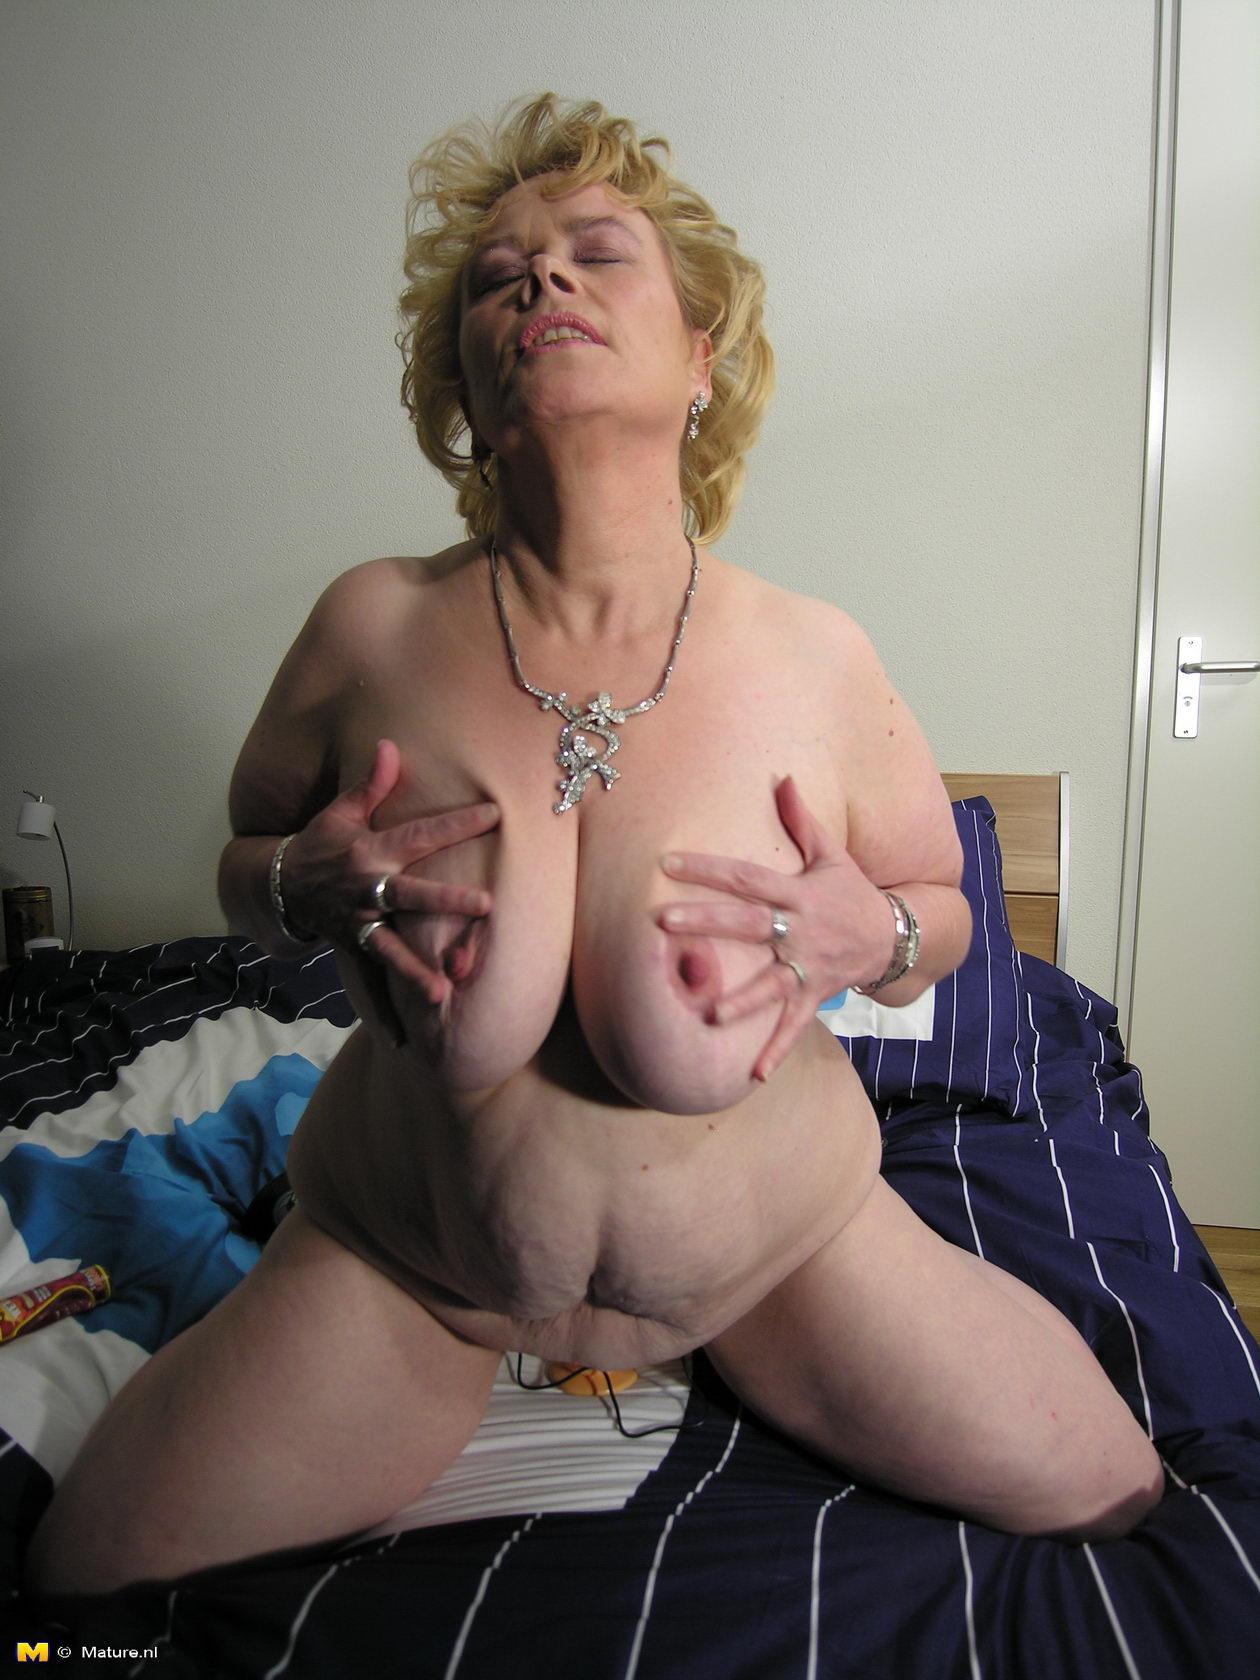 anne mature nipples xxx jpg 1500x1000